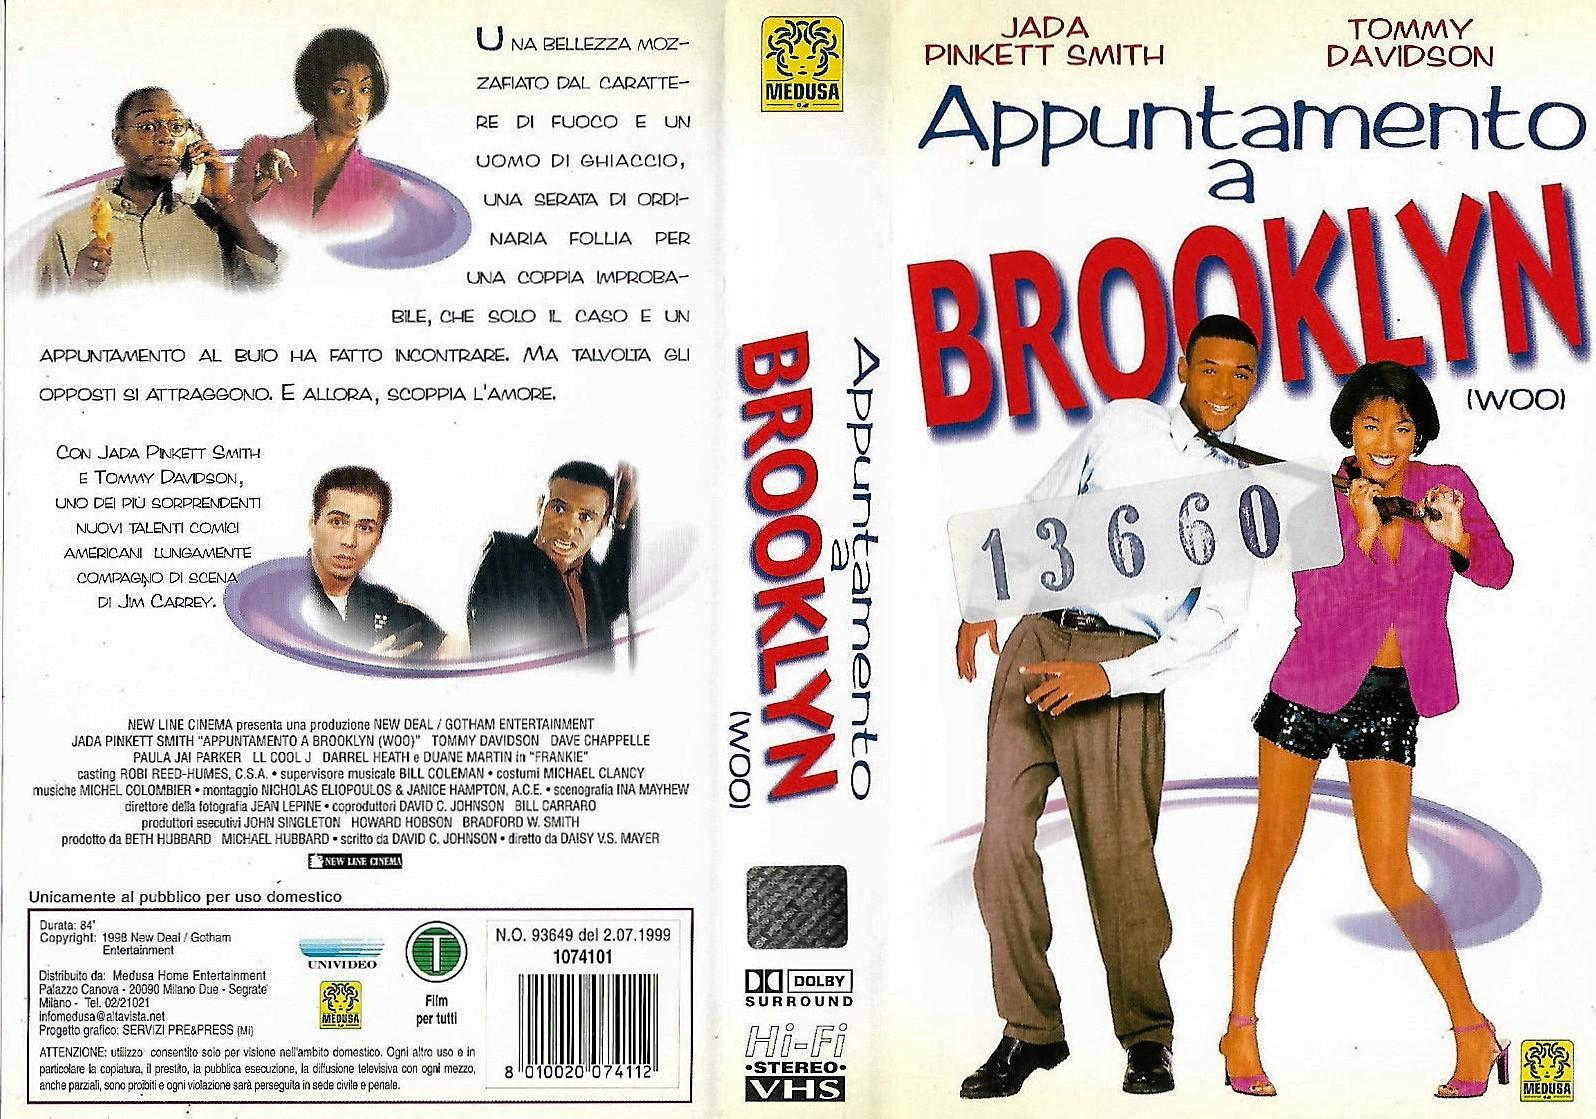 APPUNTAMENTO A BROOKLYN - USATO EX NOLEGGIO (VHS)